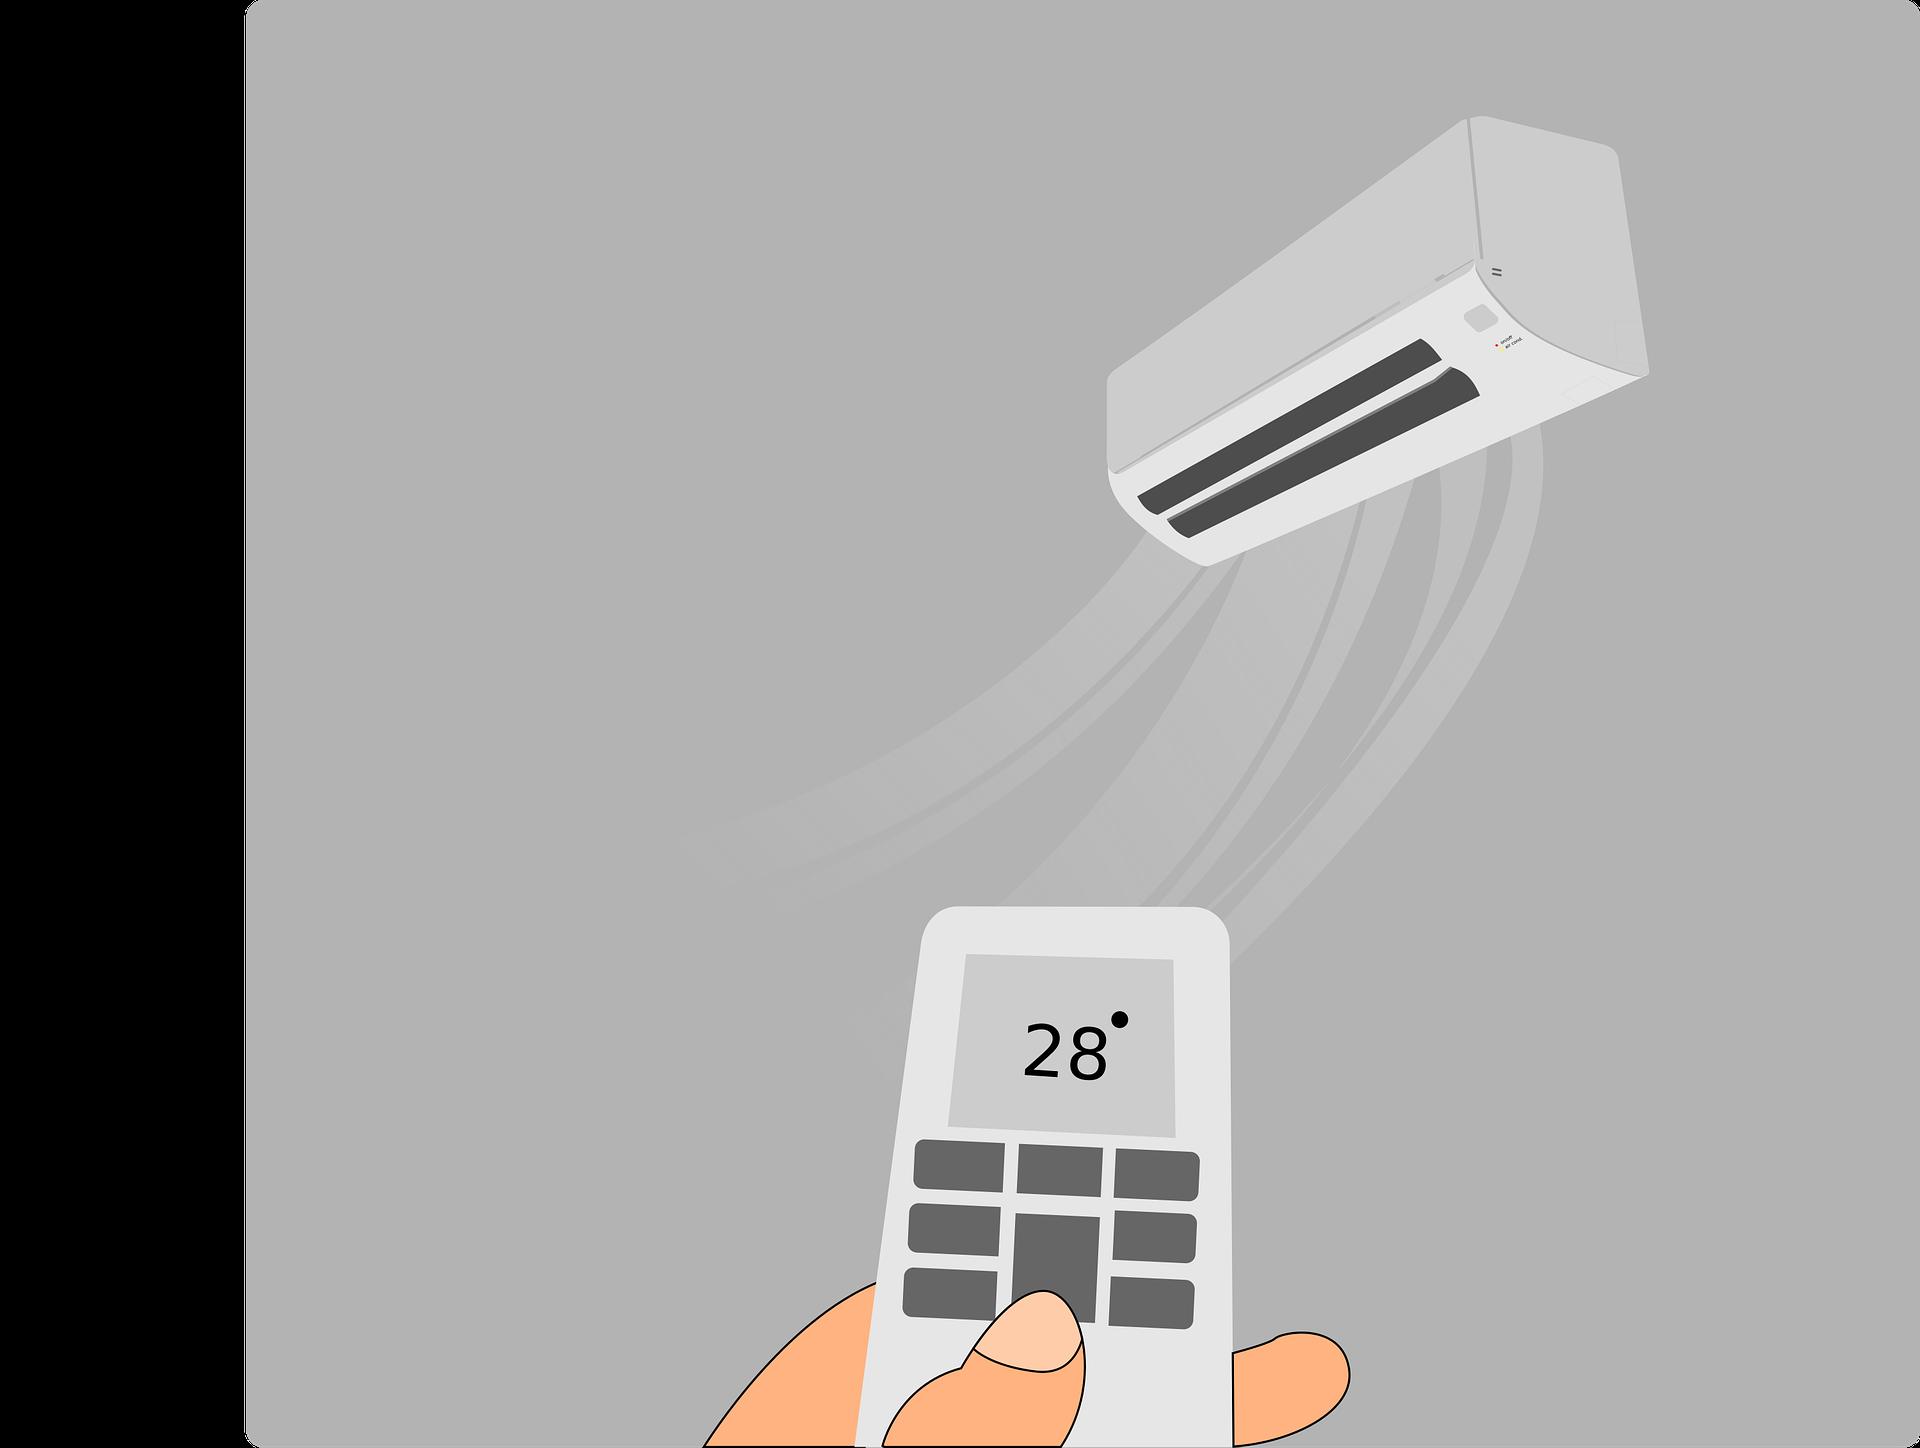 Topení klimatizací může šetřit čas i peníze